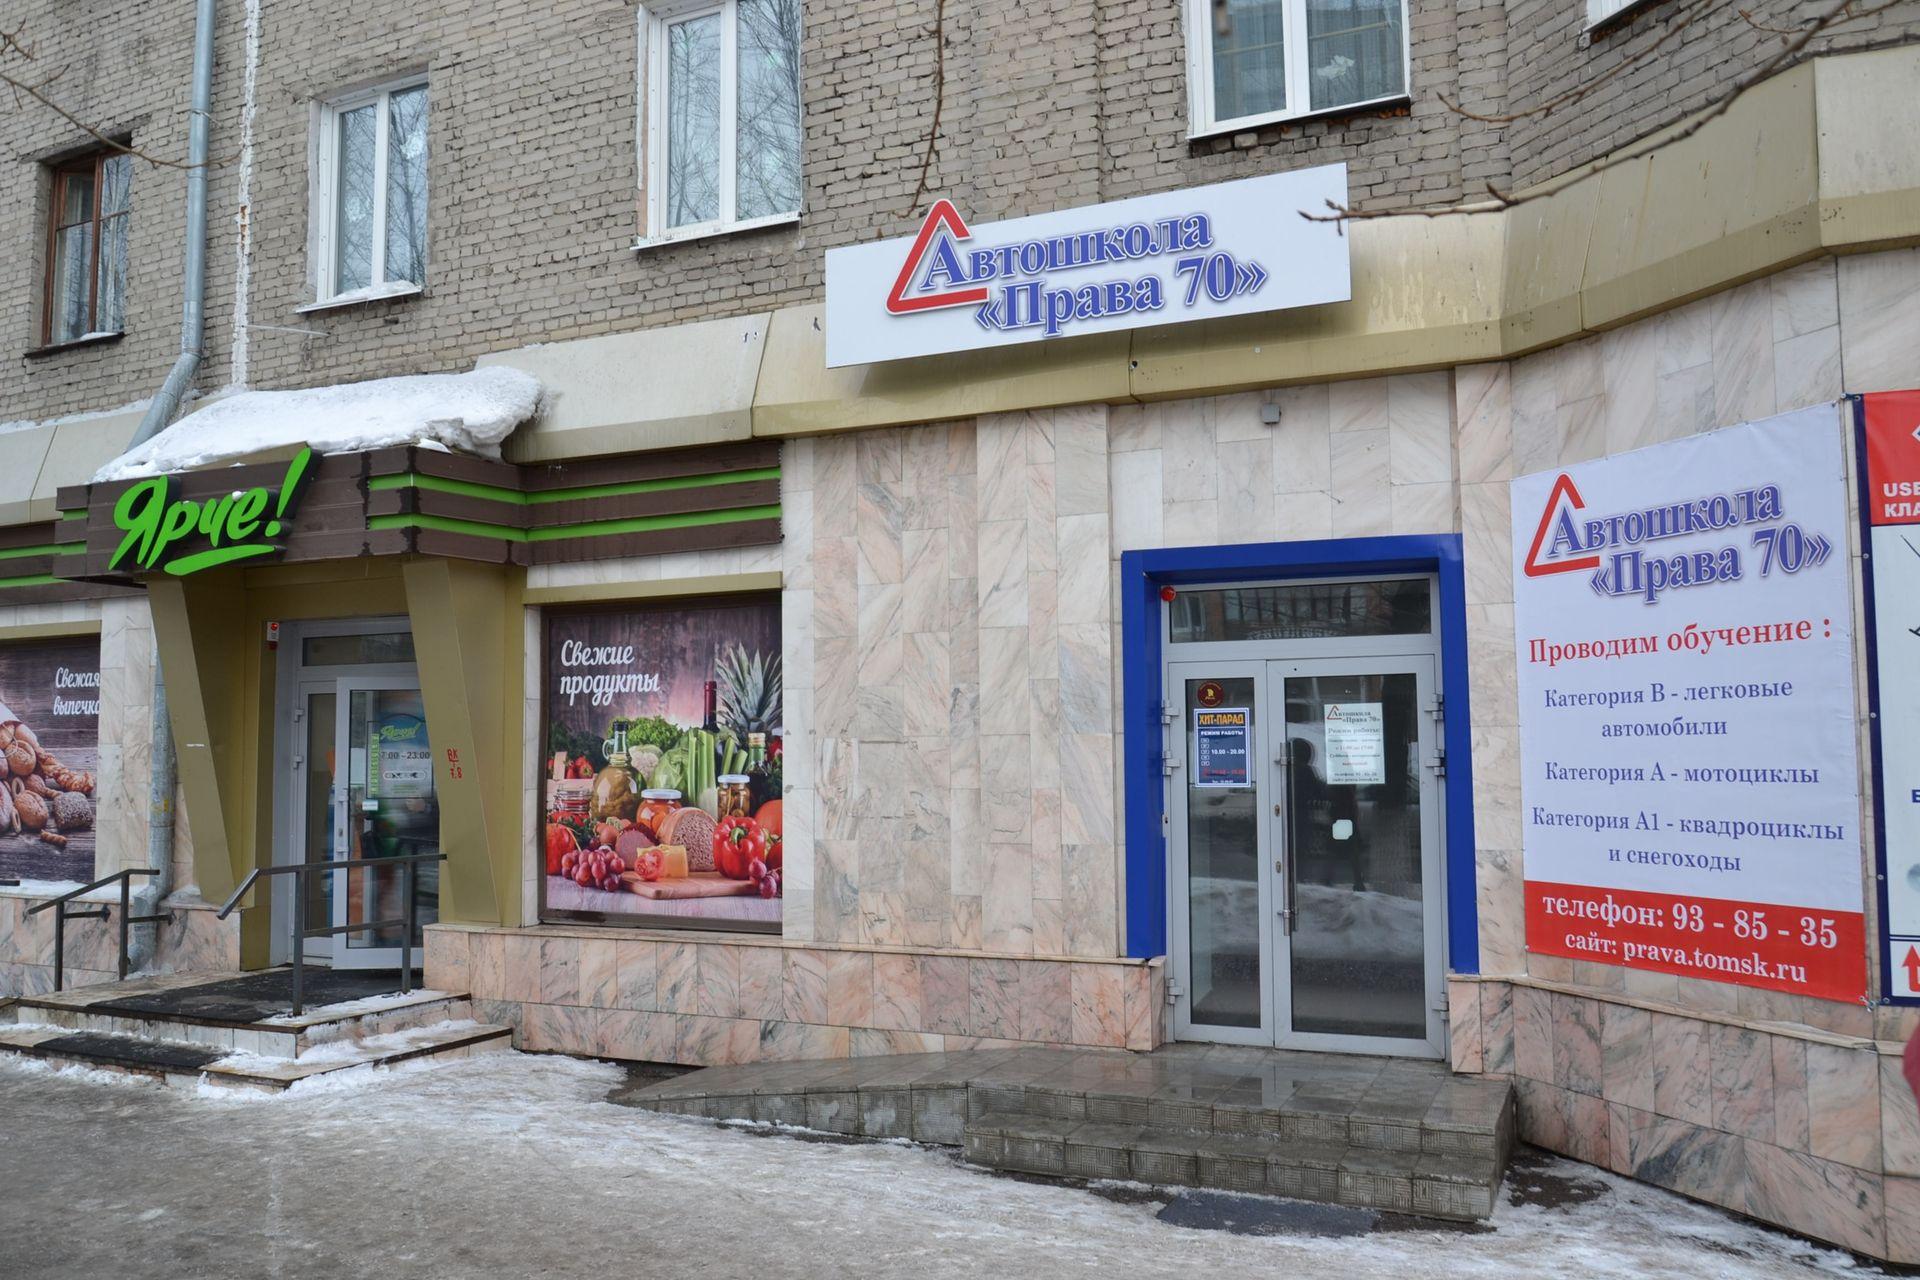 Автошкола Права 70 офисное здание пр-т Фрунзе 224